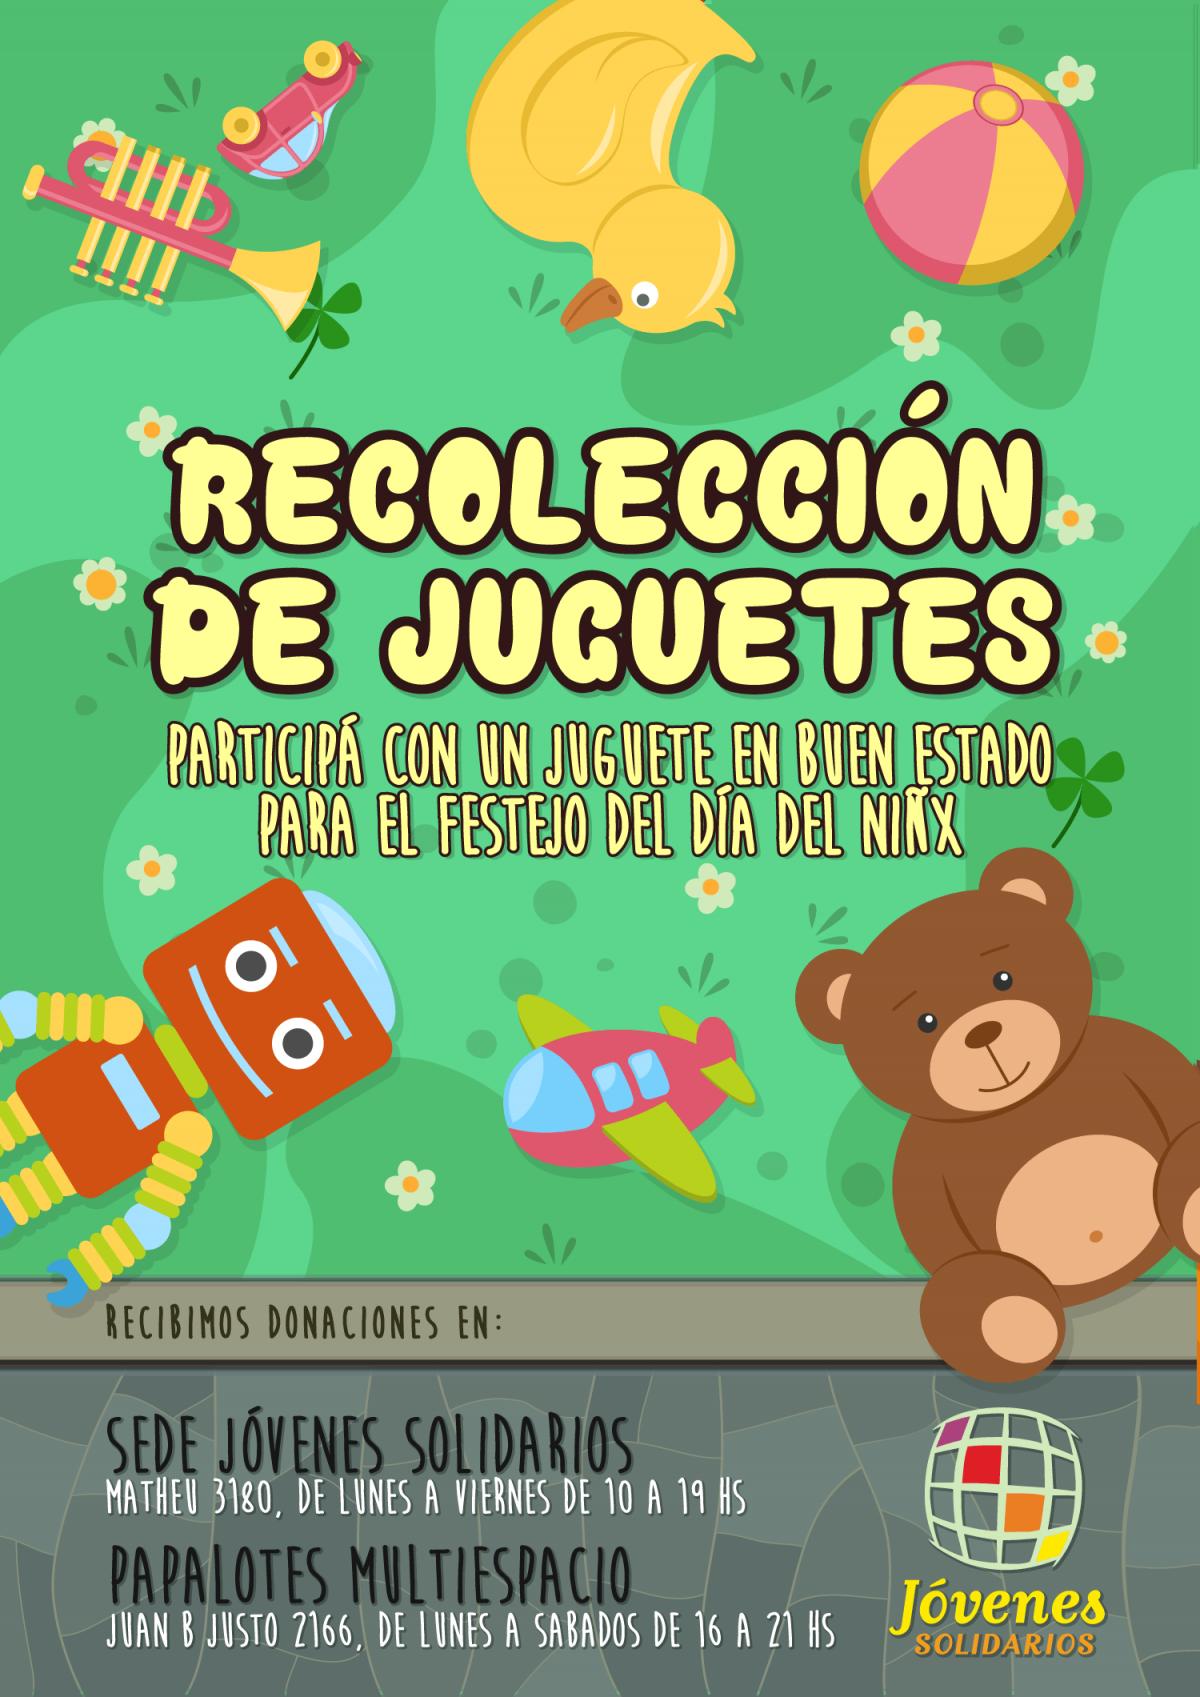 Jóvenes Solidarios recolecta juguetes para el «Festejo del día del niñx»